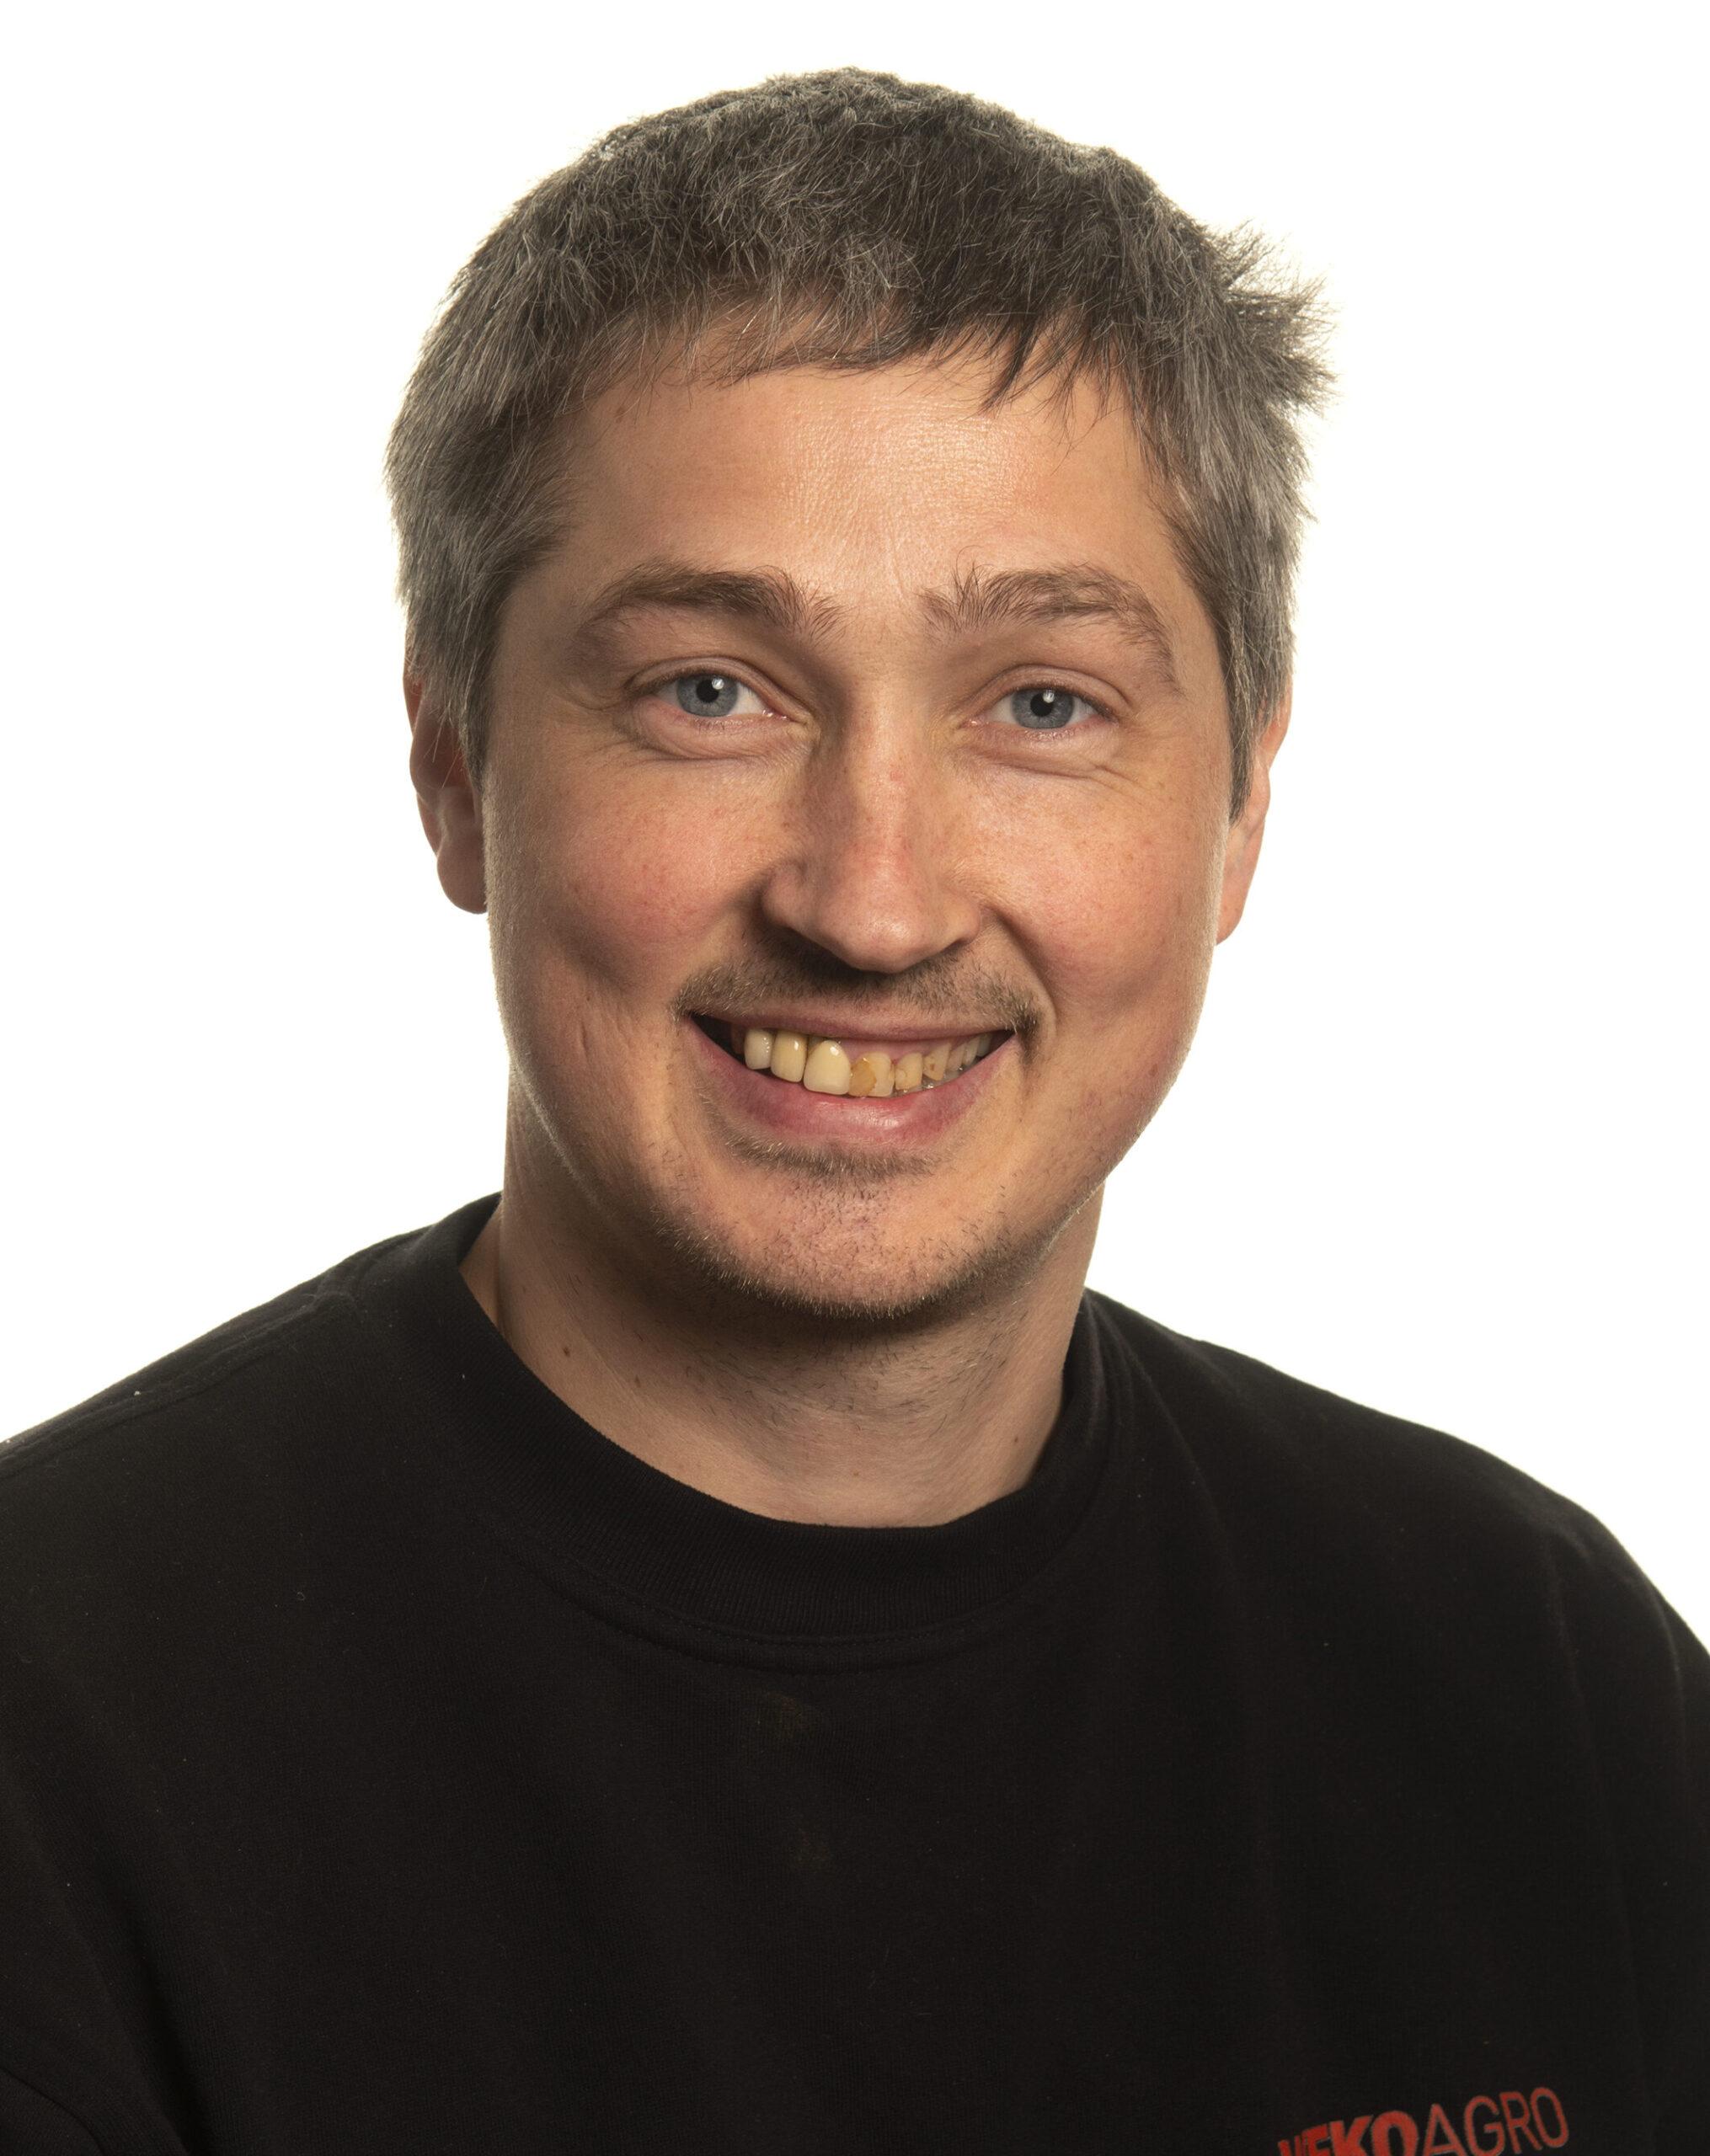 Rasmus Brun